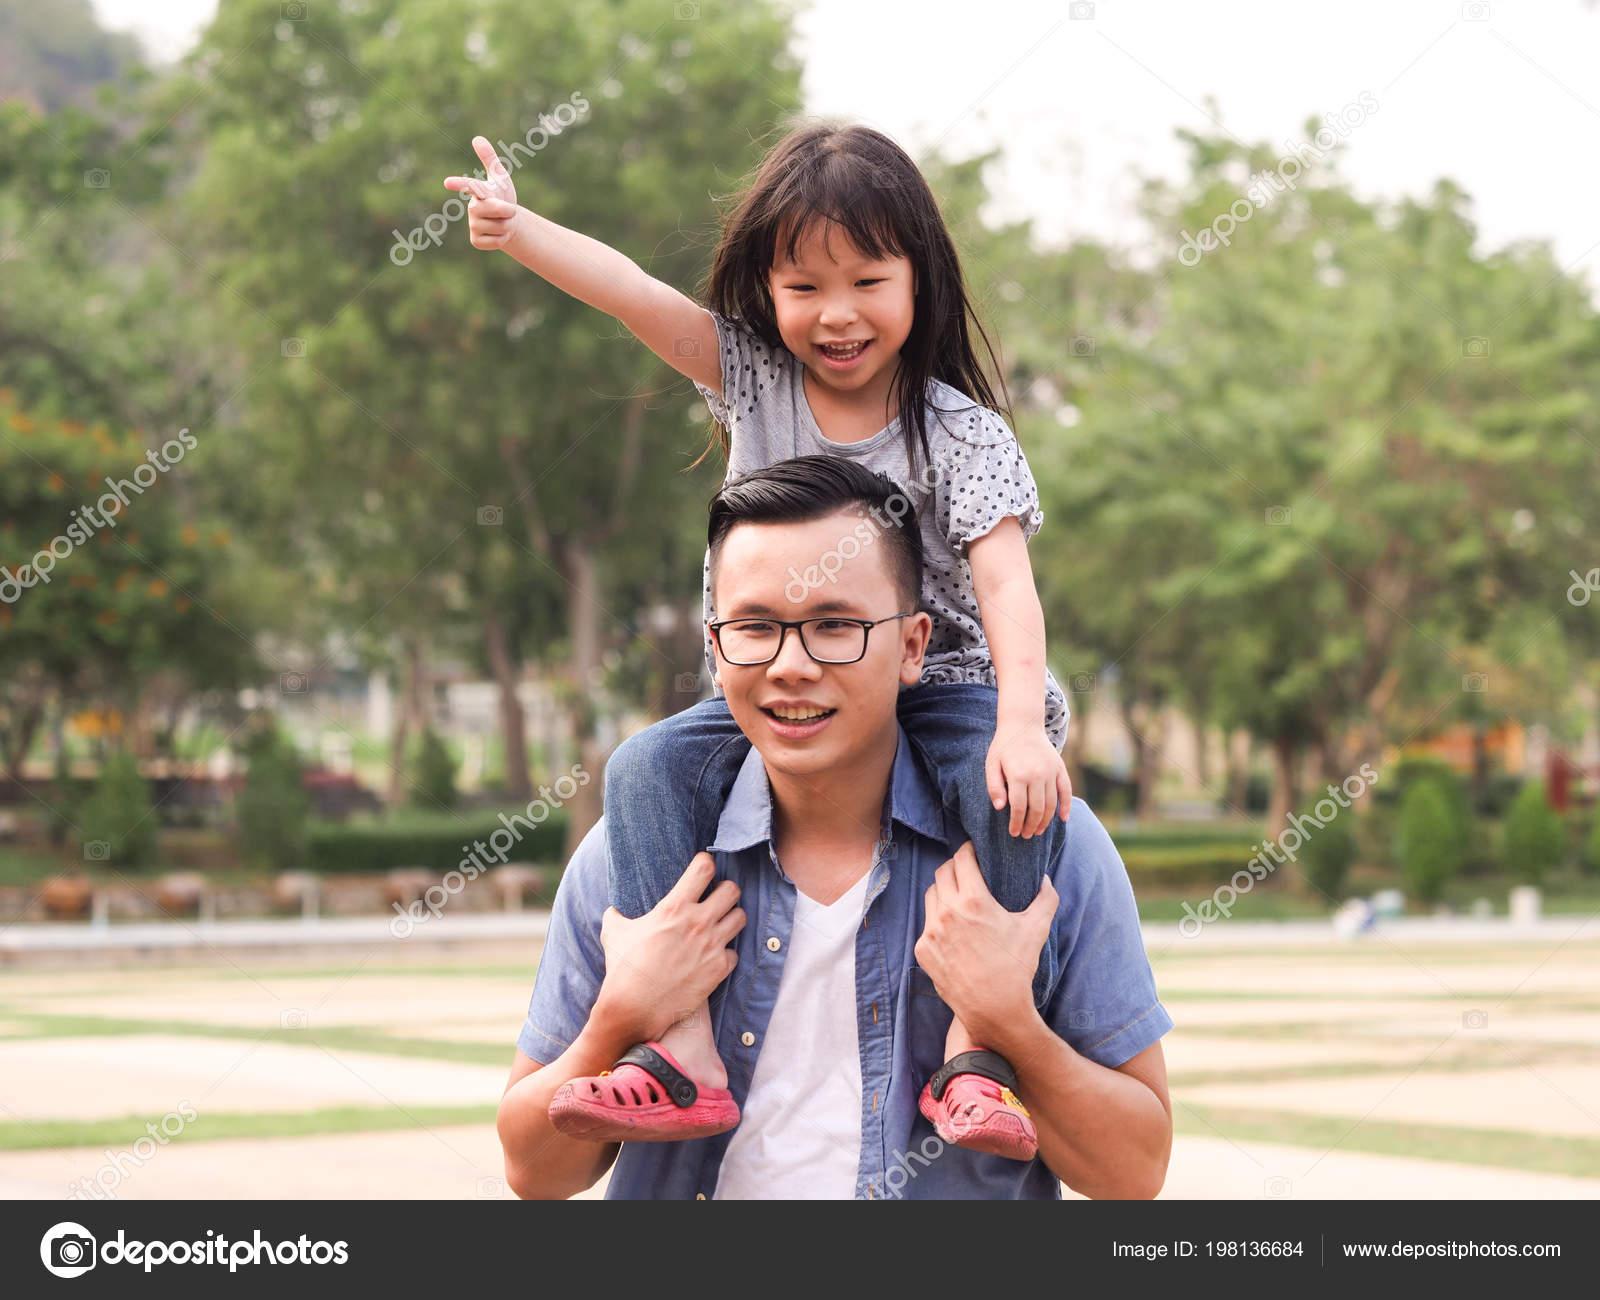 Японские шоу отец и дочь онлайн, Японское порно шоу отец должен отгадать дочь 21 фотография